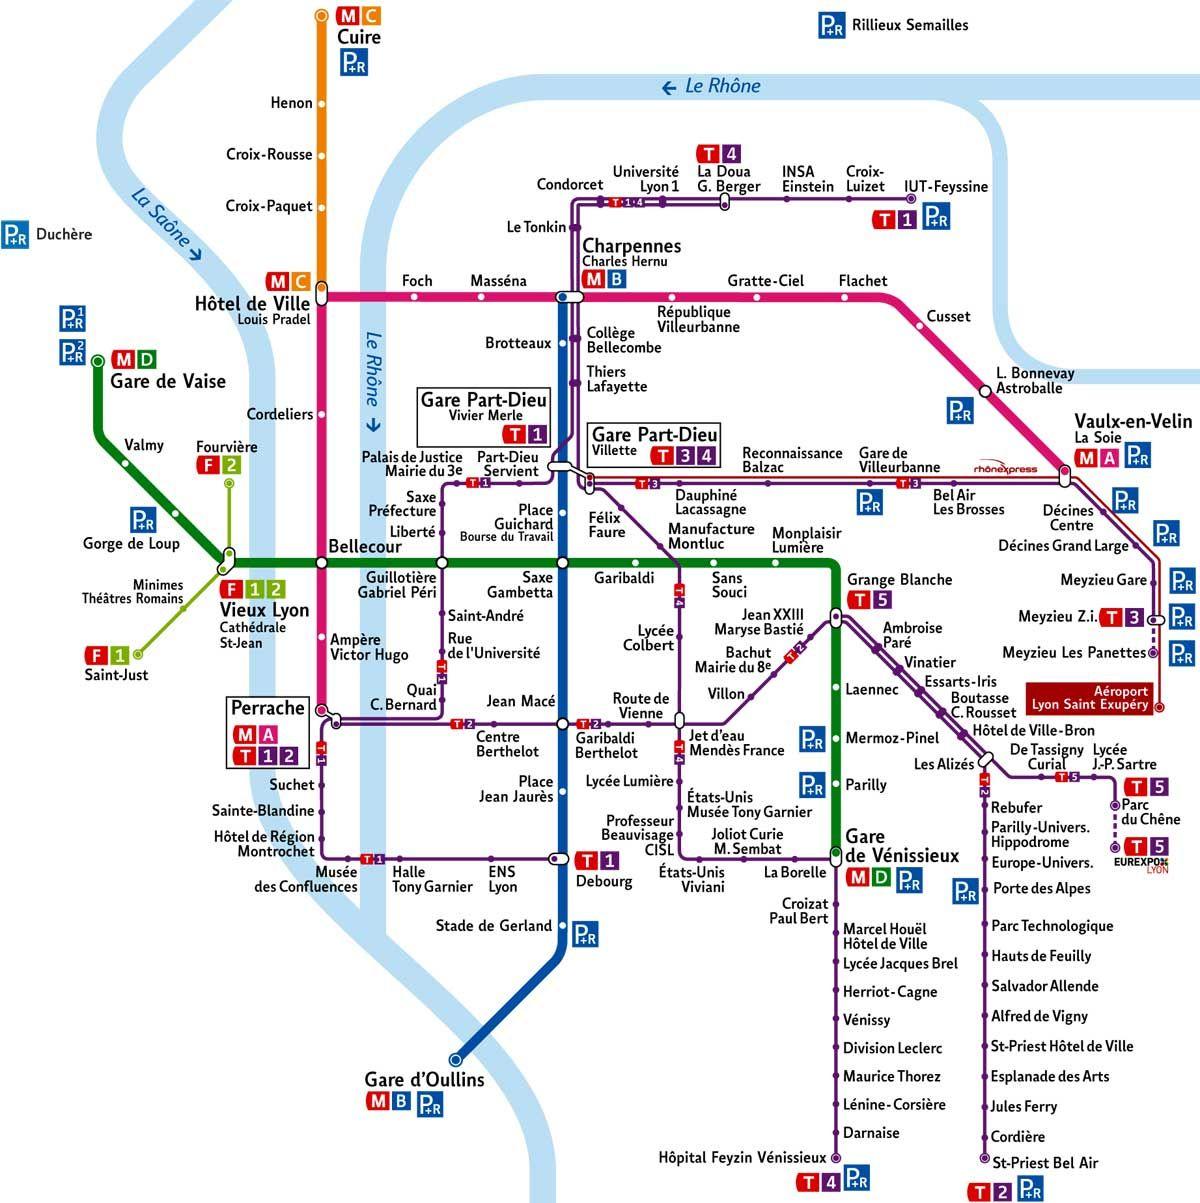 Plan Lignes Fortes Reseau Tcl Lyon 2016 Plan Lines Strong Network Tcl Lyon 2016 Tcl Fr Et And Sytral Fr Visiter Lyon Ville De Lyon Hotel De Ville